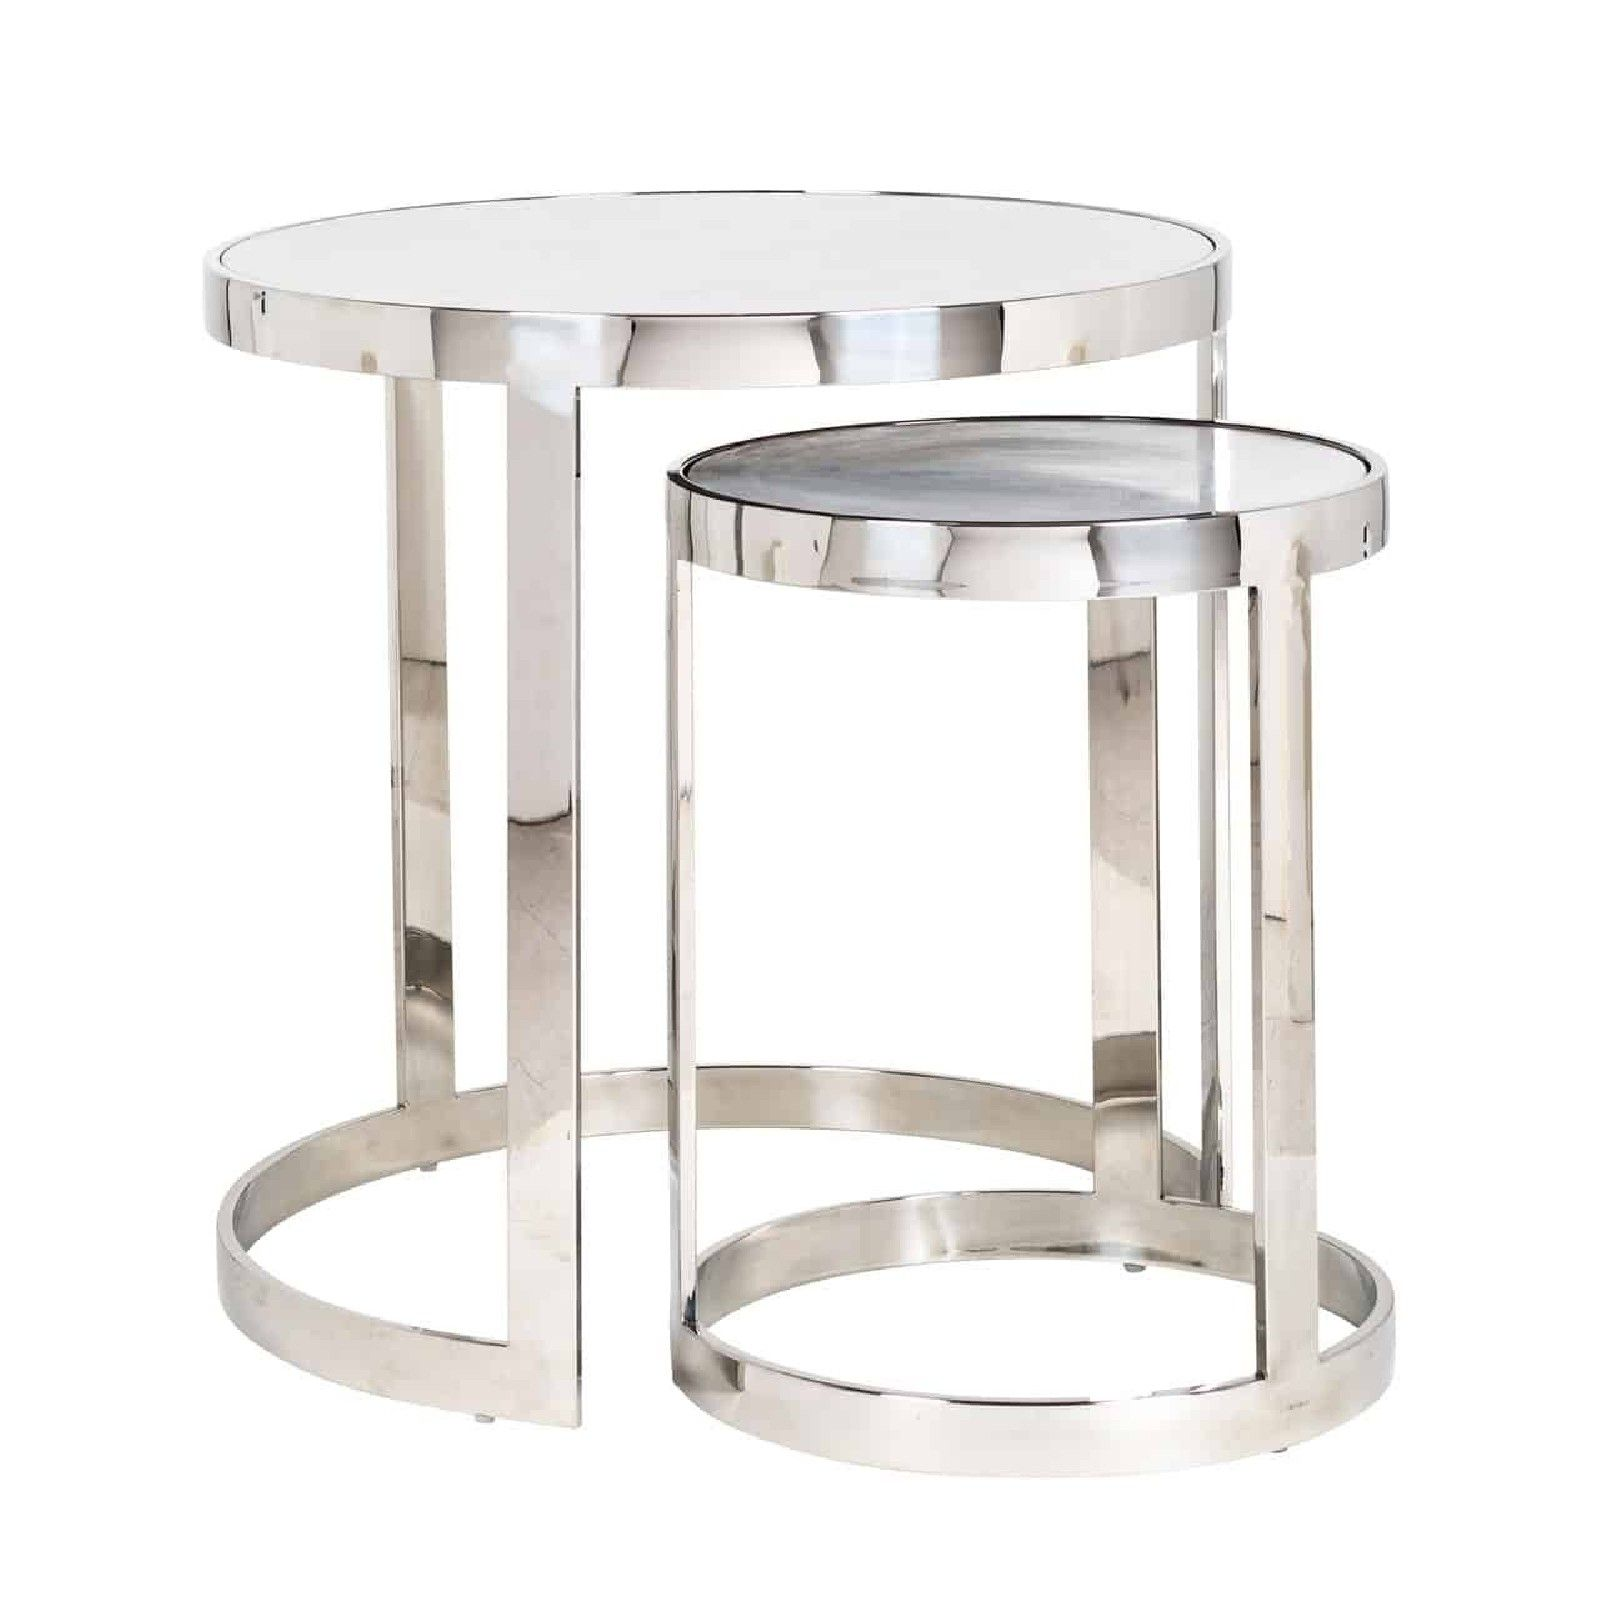 Table d'angle Levanto set de 2 rond Meuble Déco Tendance - 131